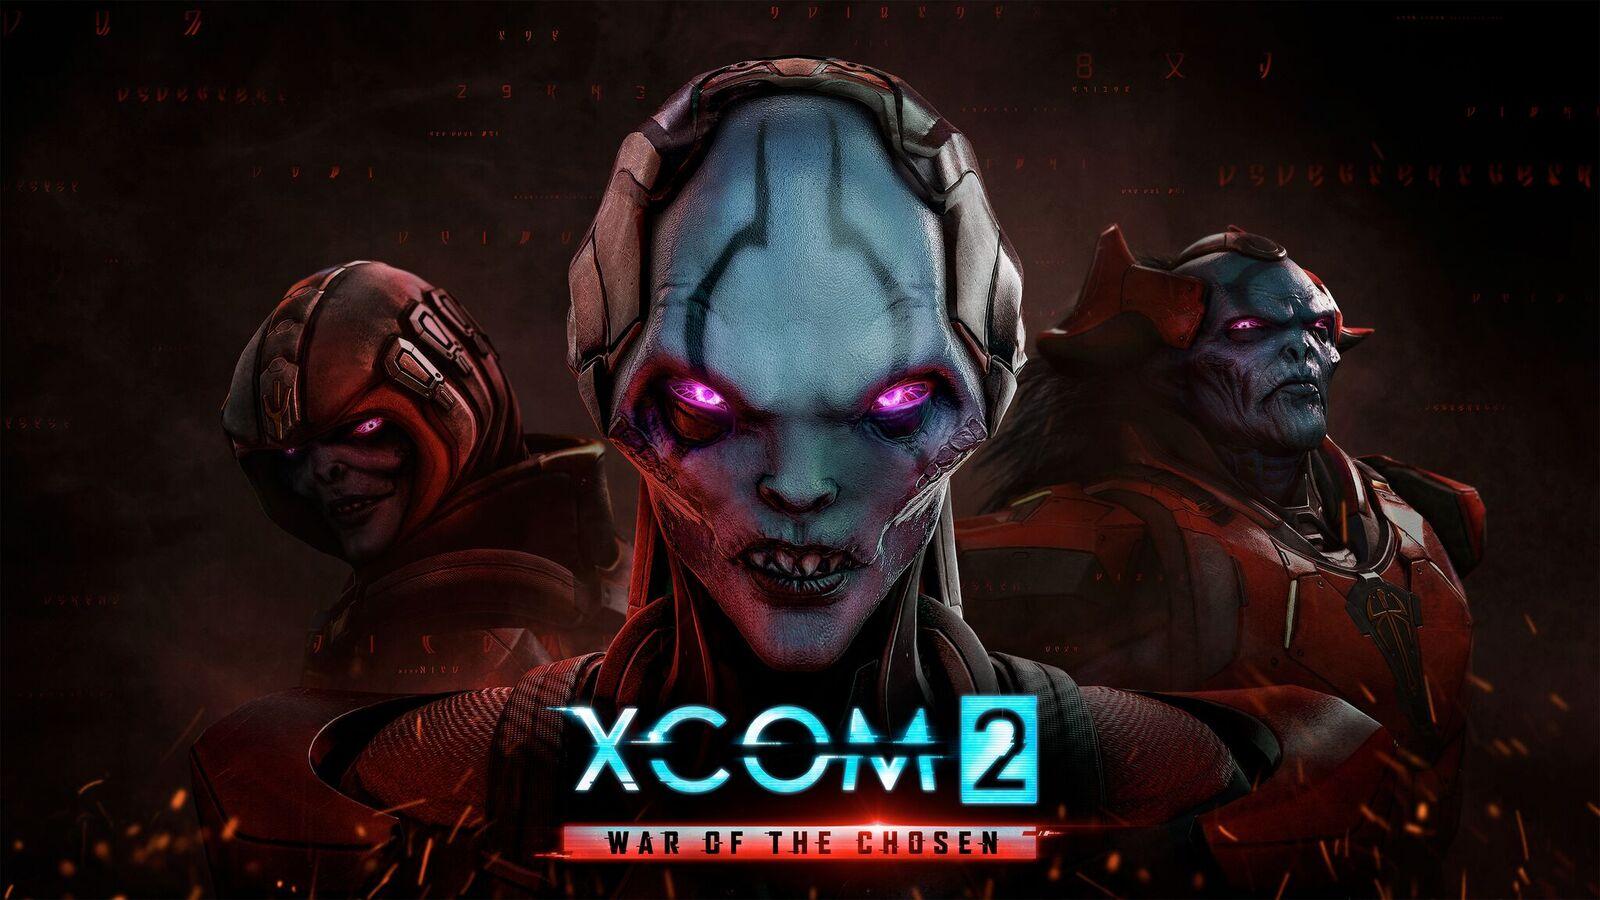 XCOM 2 : War of the Chosen